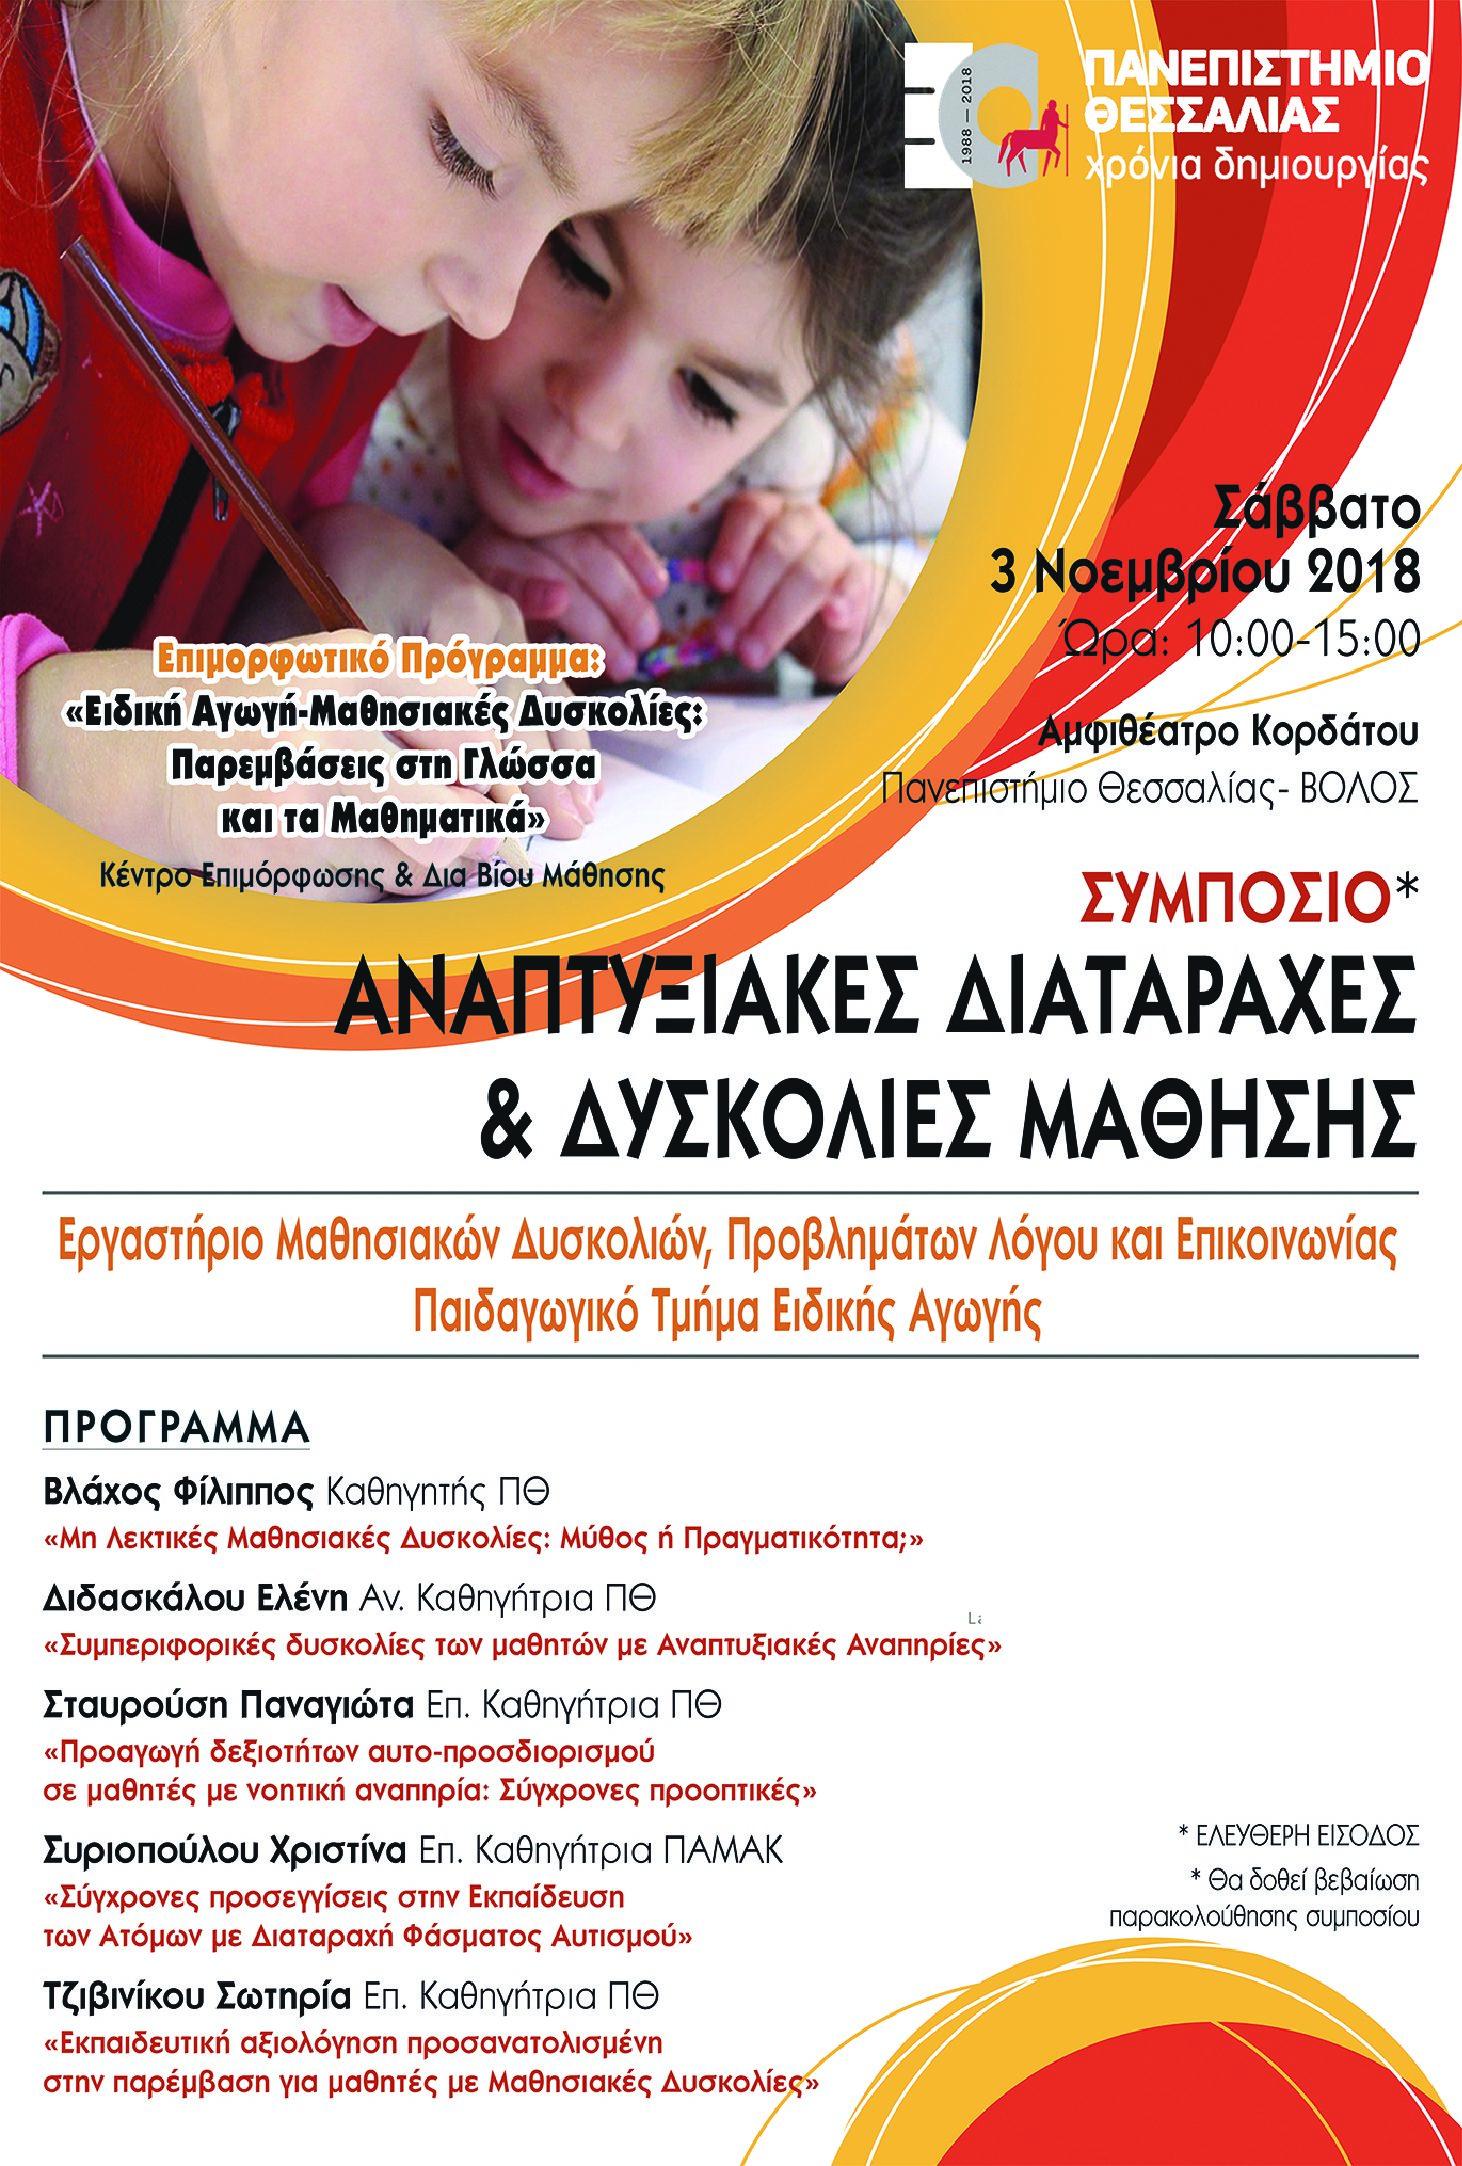 Εκδήλωση από το Π.Θ. για τις αναπτυξιακές διαταραχές και τις δυσκολίες μάθησης